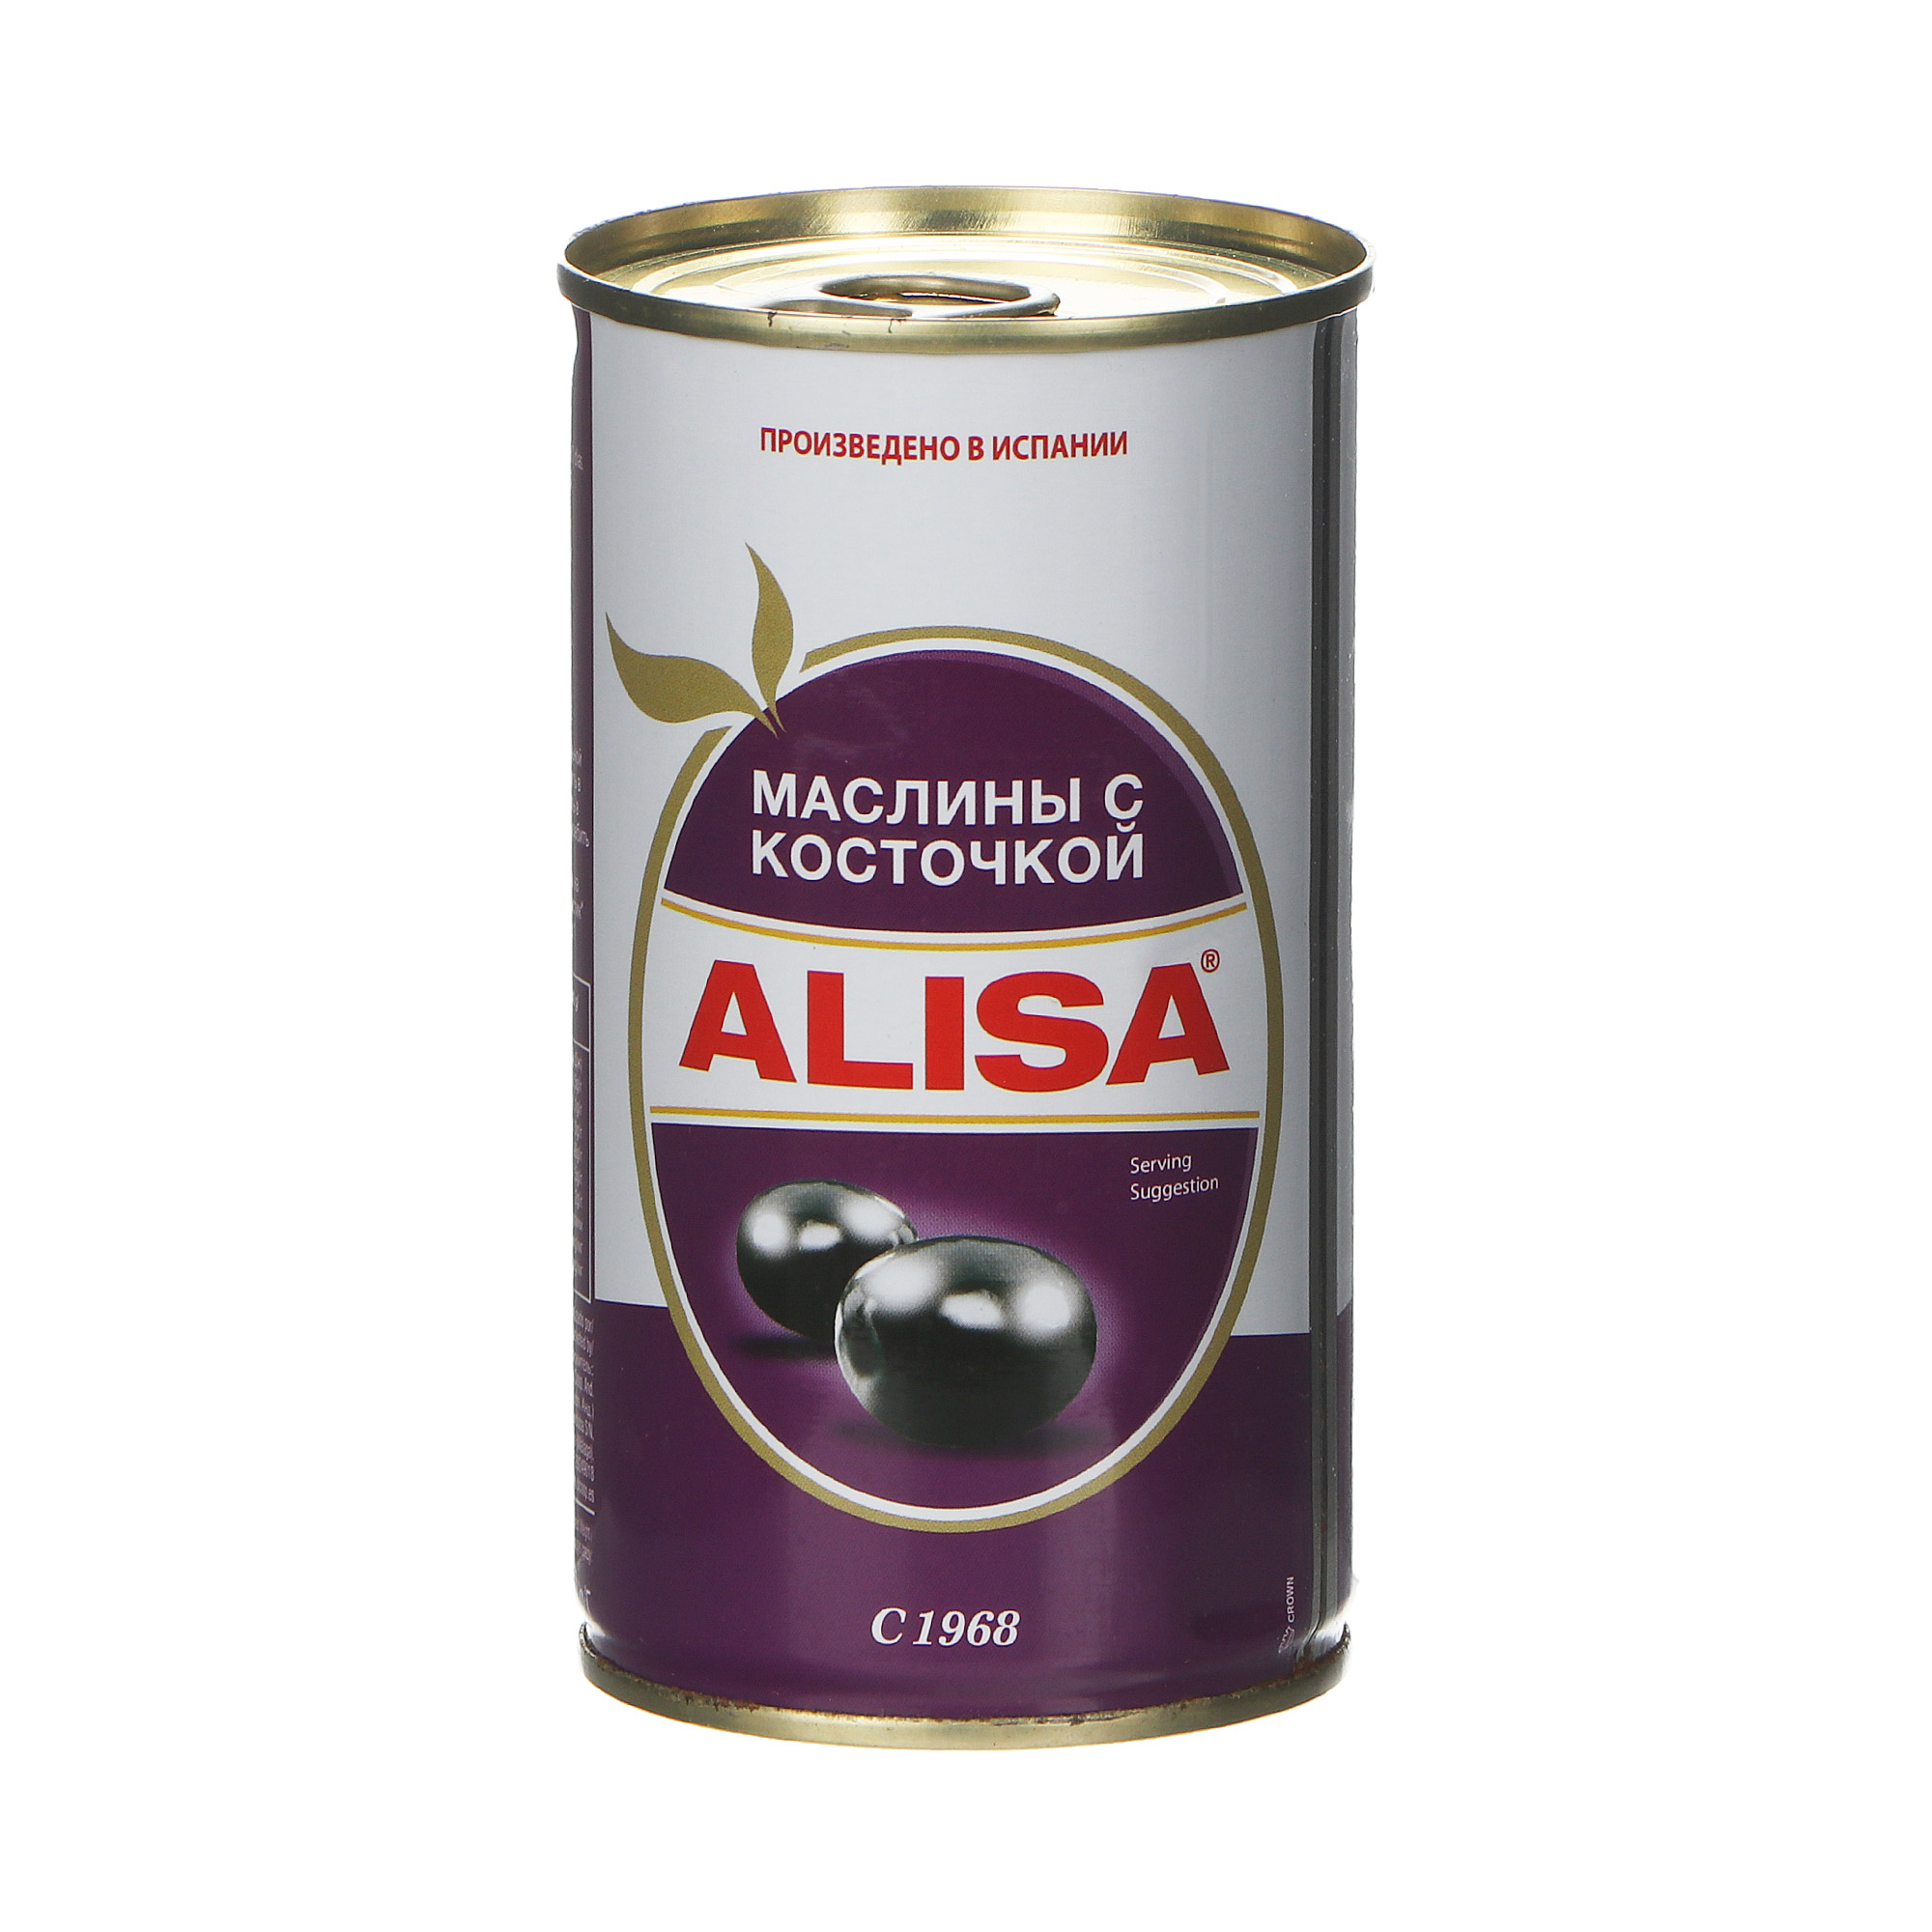 Маслины Alisa с косточкой 350 г itlv маслины super с косточкой